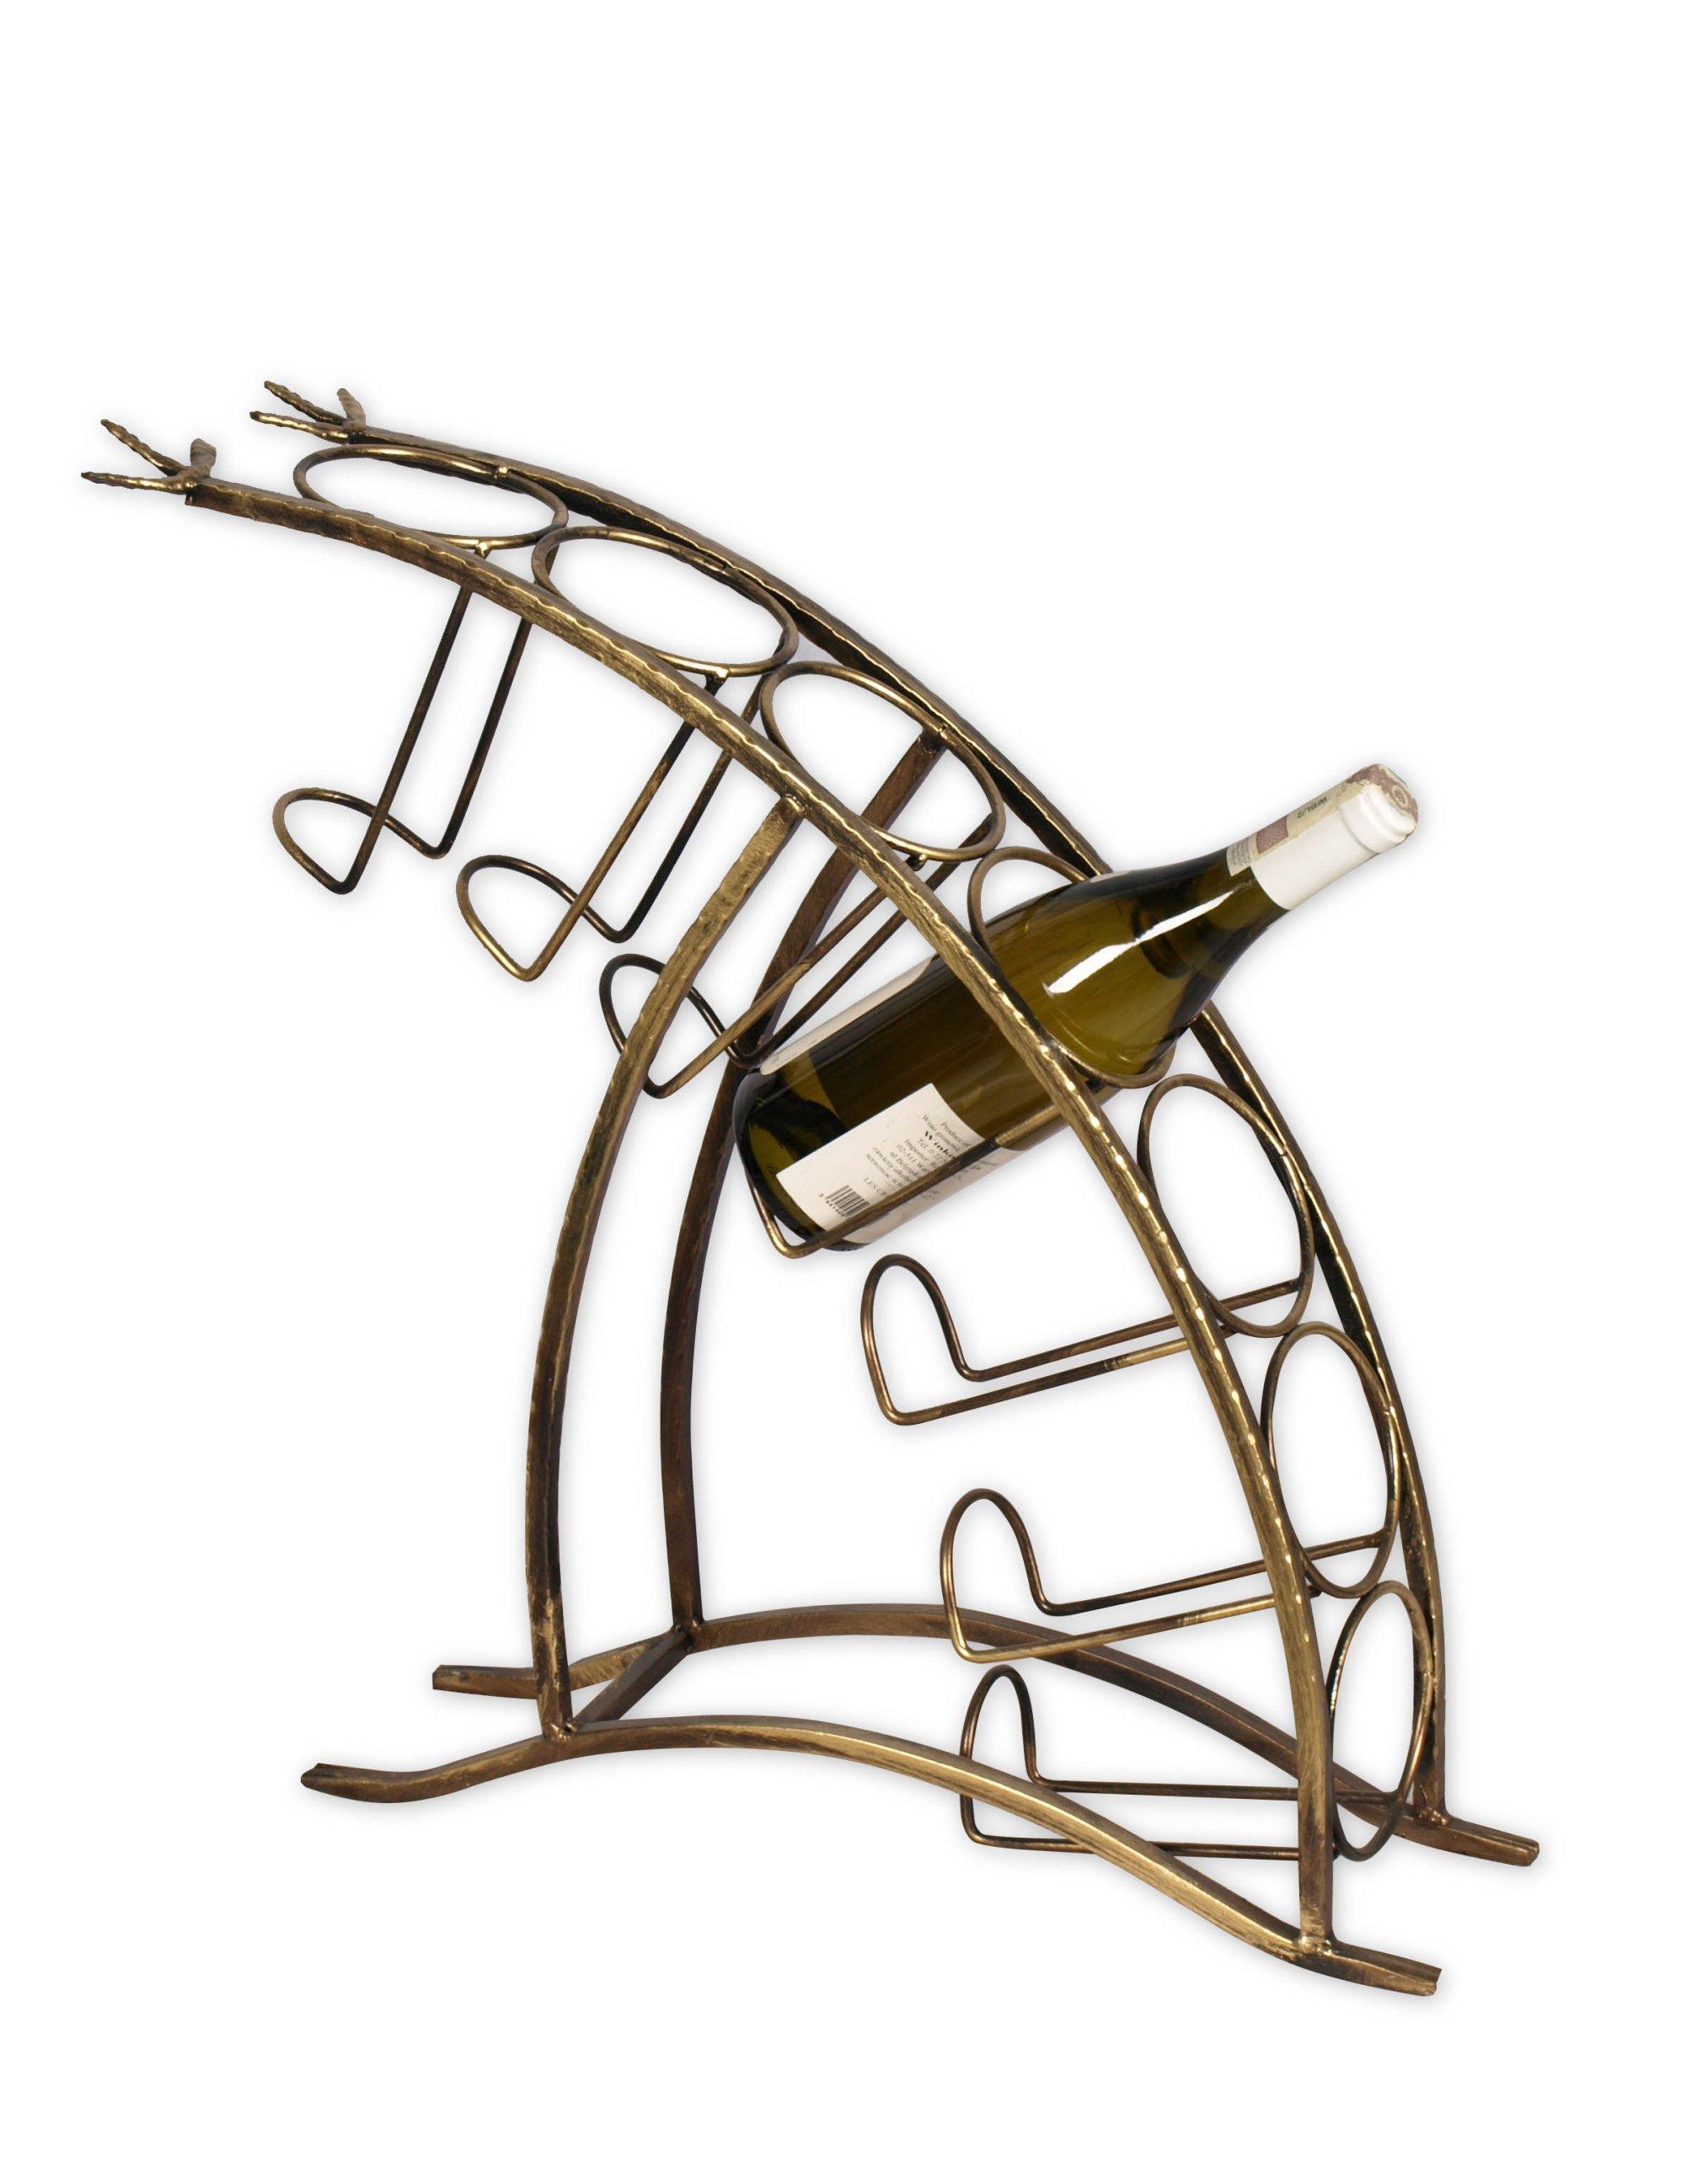 Nábytok Stojan pre víno Super darček pre Chimbal